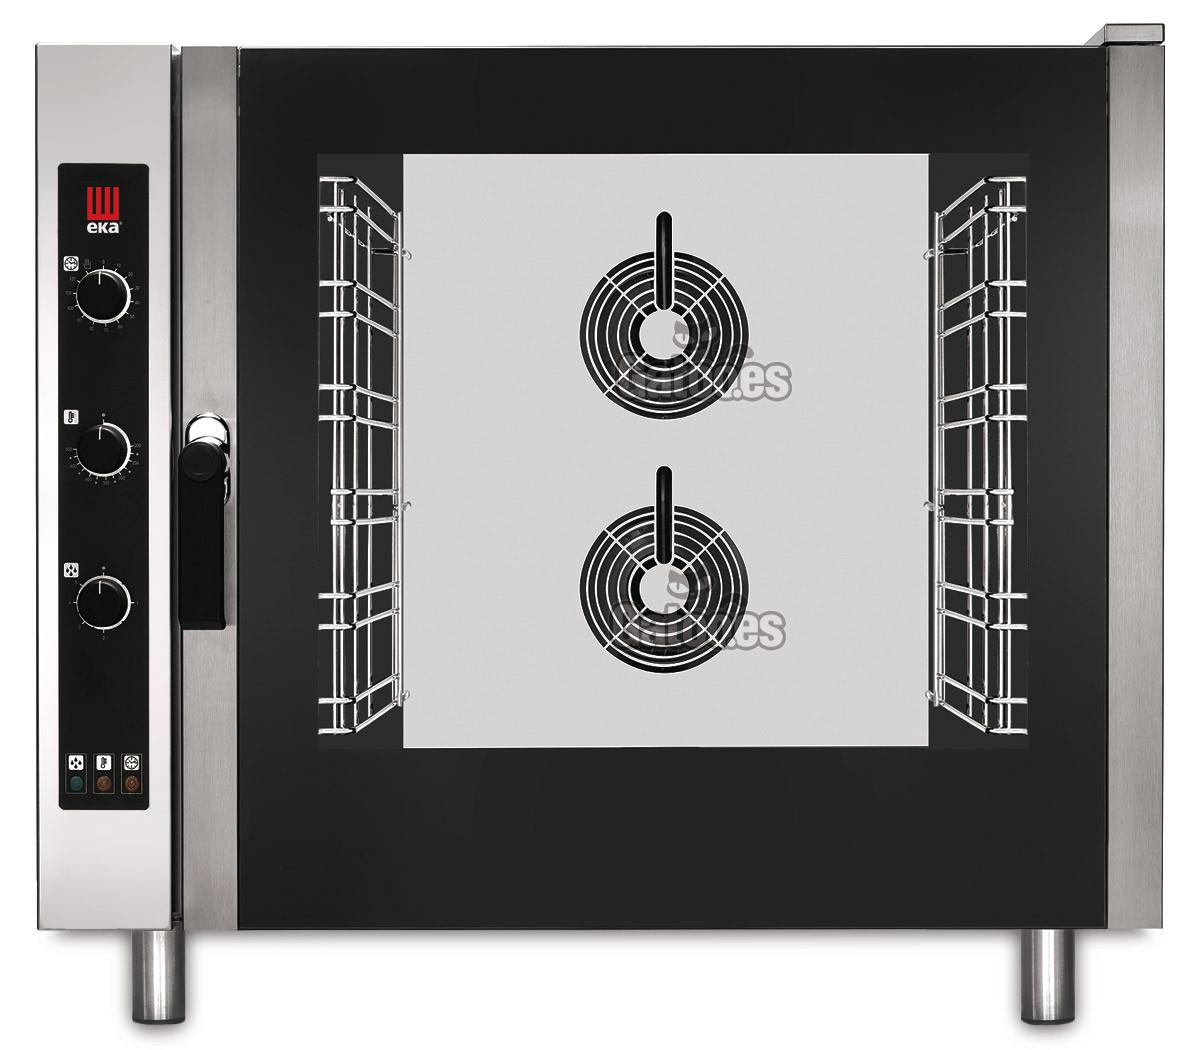 Horno para Paellas profesional de 6 bandejas gastronorm 65x53 con vapor. EKA